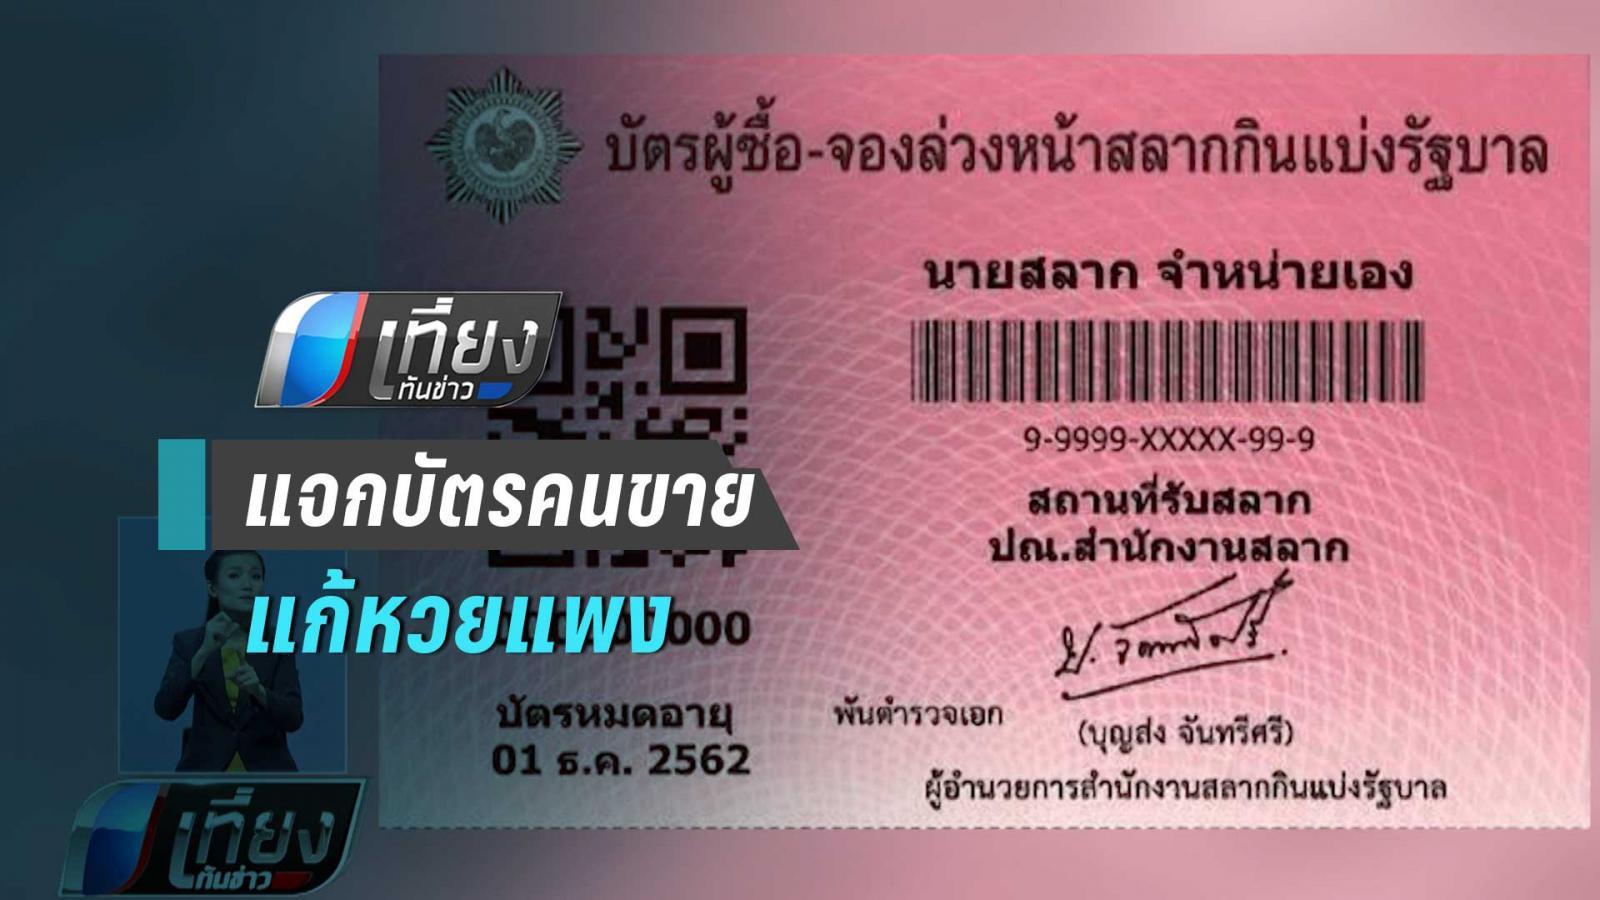 กองสลากฯ แจกบัตรประจำตัวคนขาย แก้หวยแพง นำร่องชุดแรก 1 แสนคน